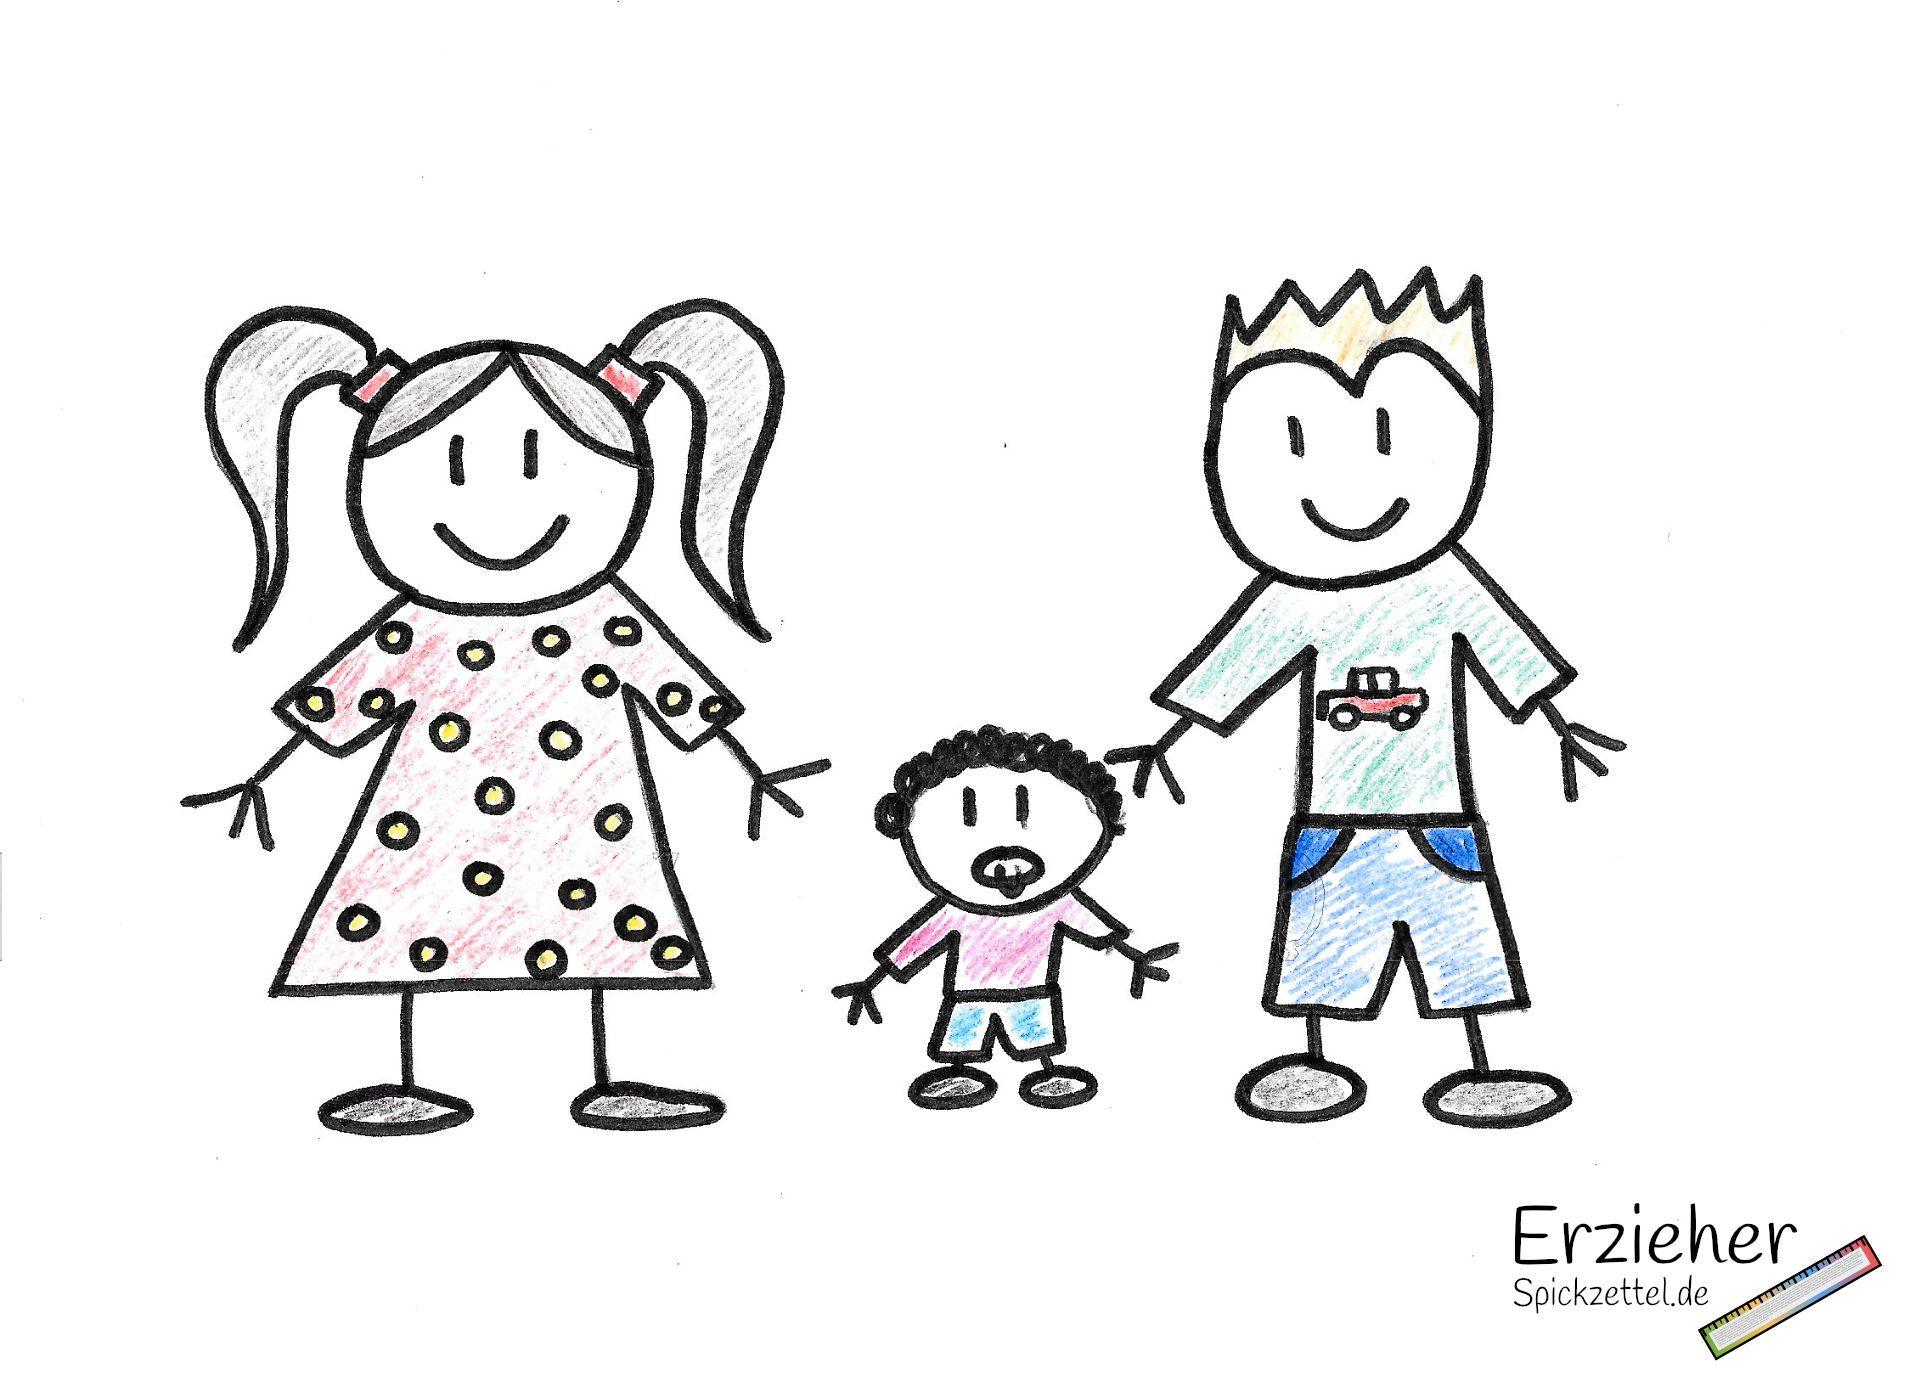 Bild vom Kind/Menschen